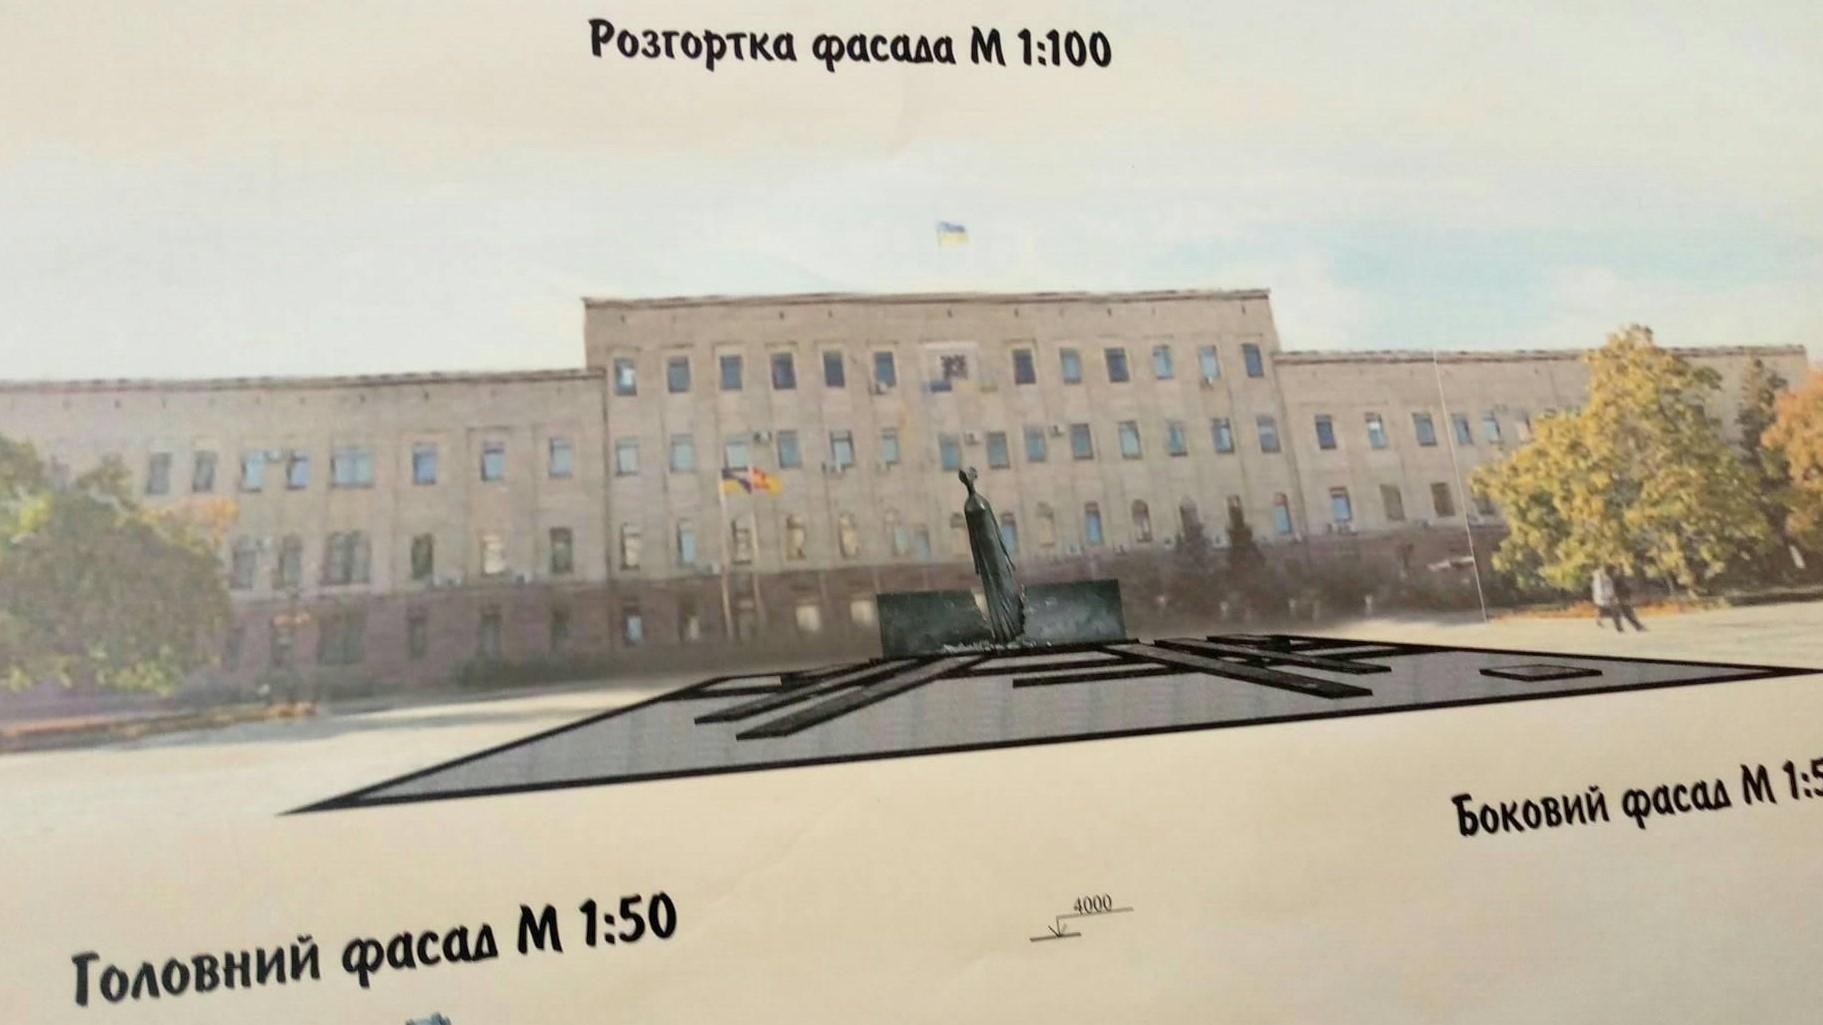 У Кропивницькому оголосять новий конкурс проектів пам'ятника Героям Майдану, через невідповідність поданих пропозицій ідеї. ФОТО - 4 - Iстфактор - Без Купюр